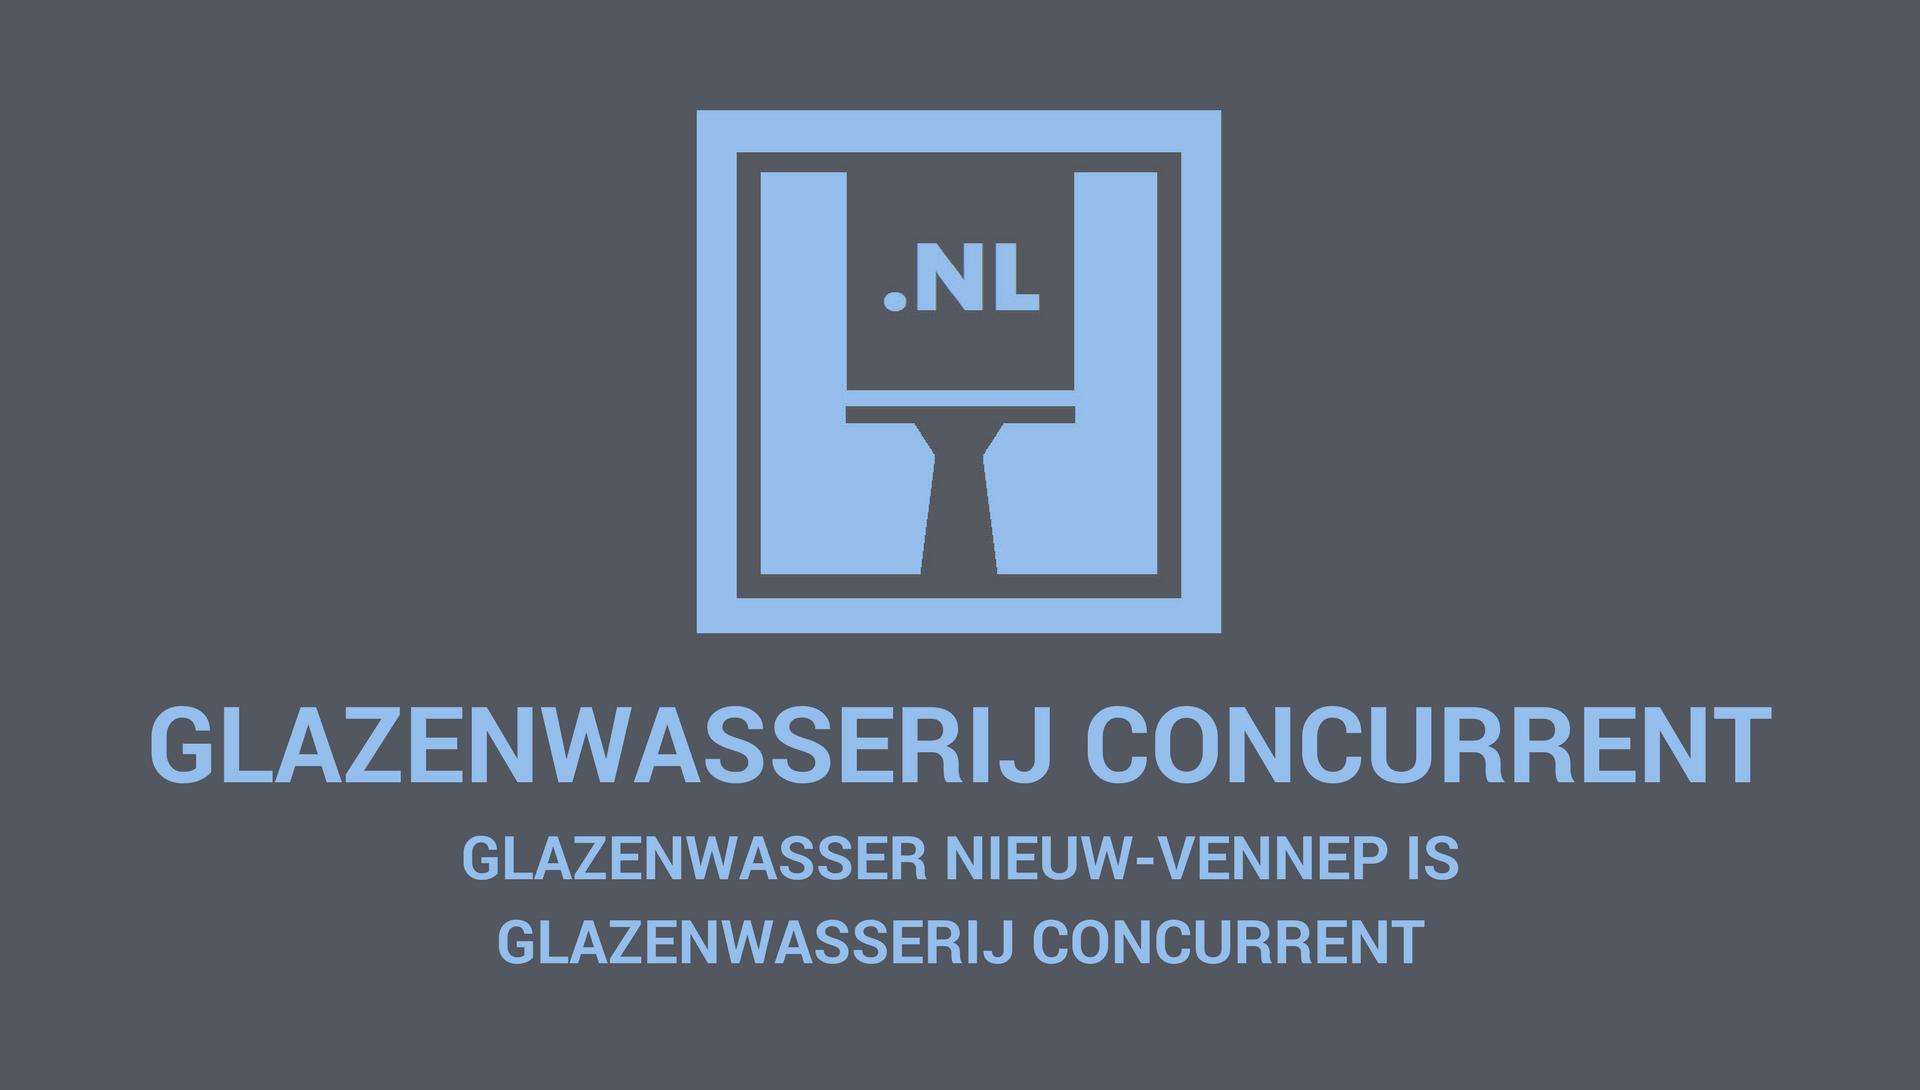 Glazenwasser Nieuw-Vennep